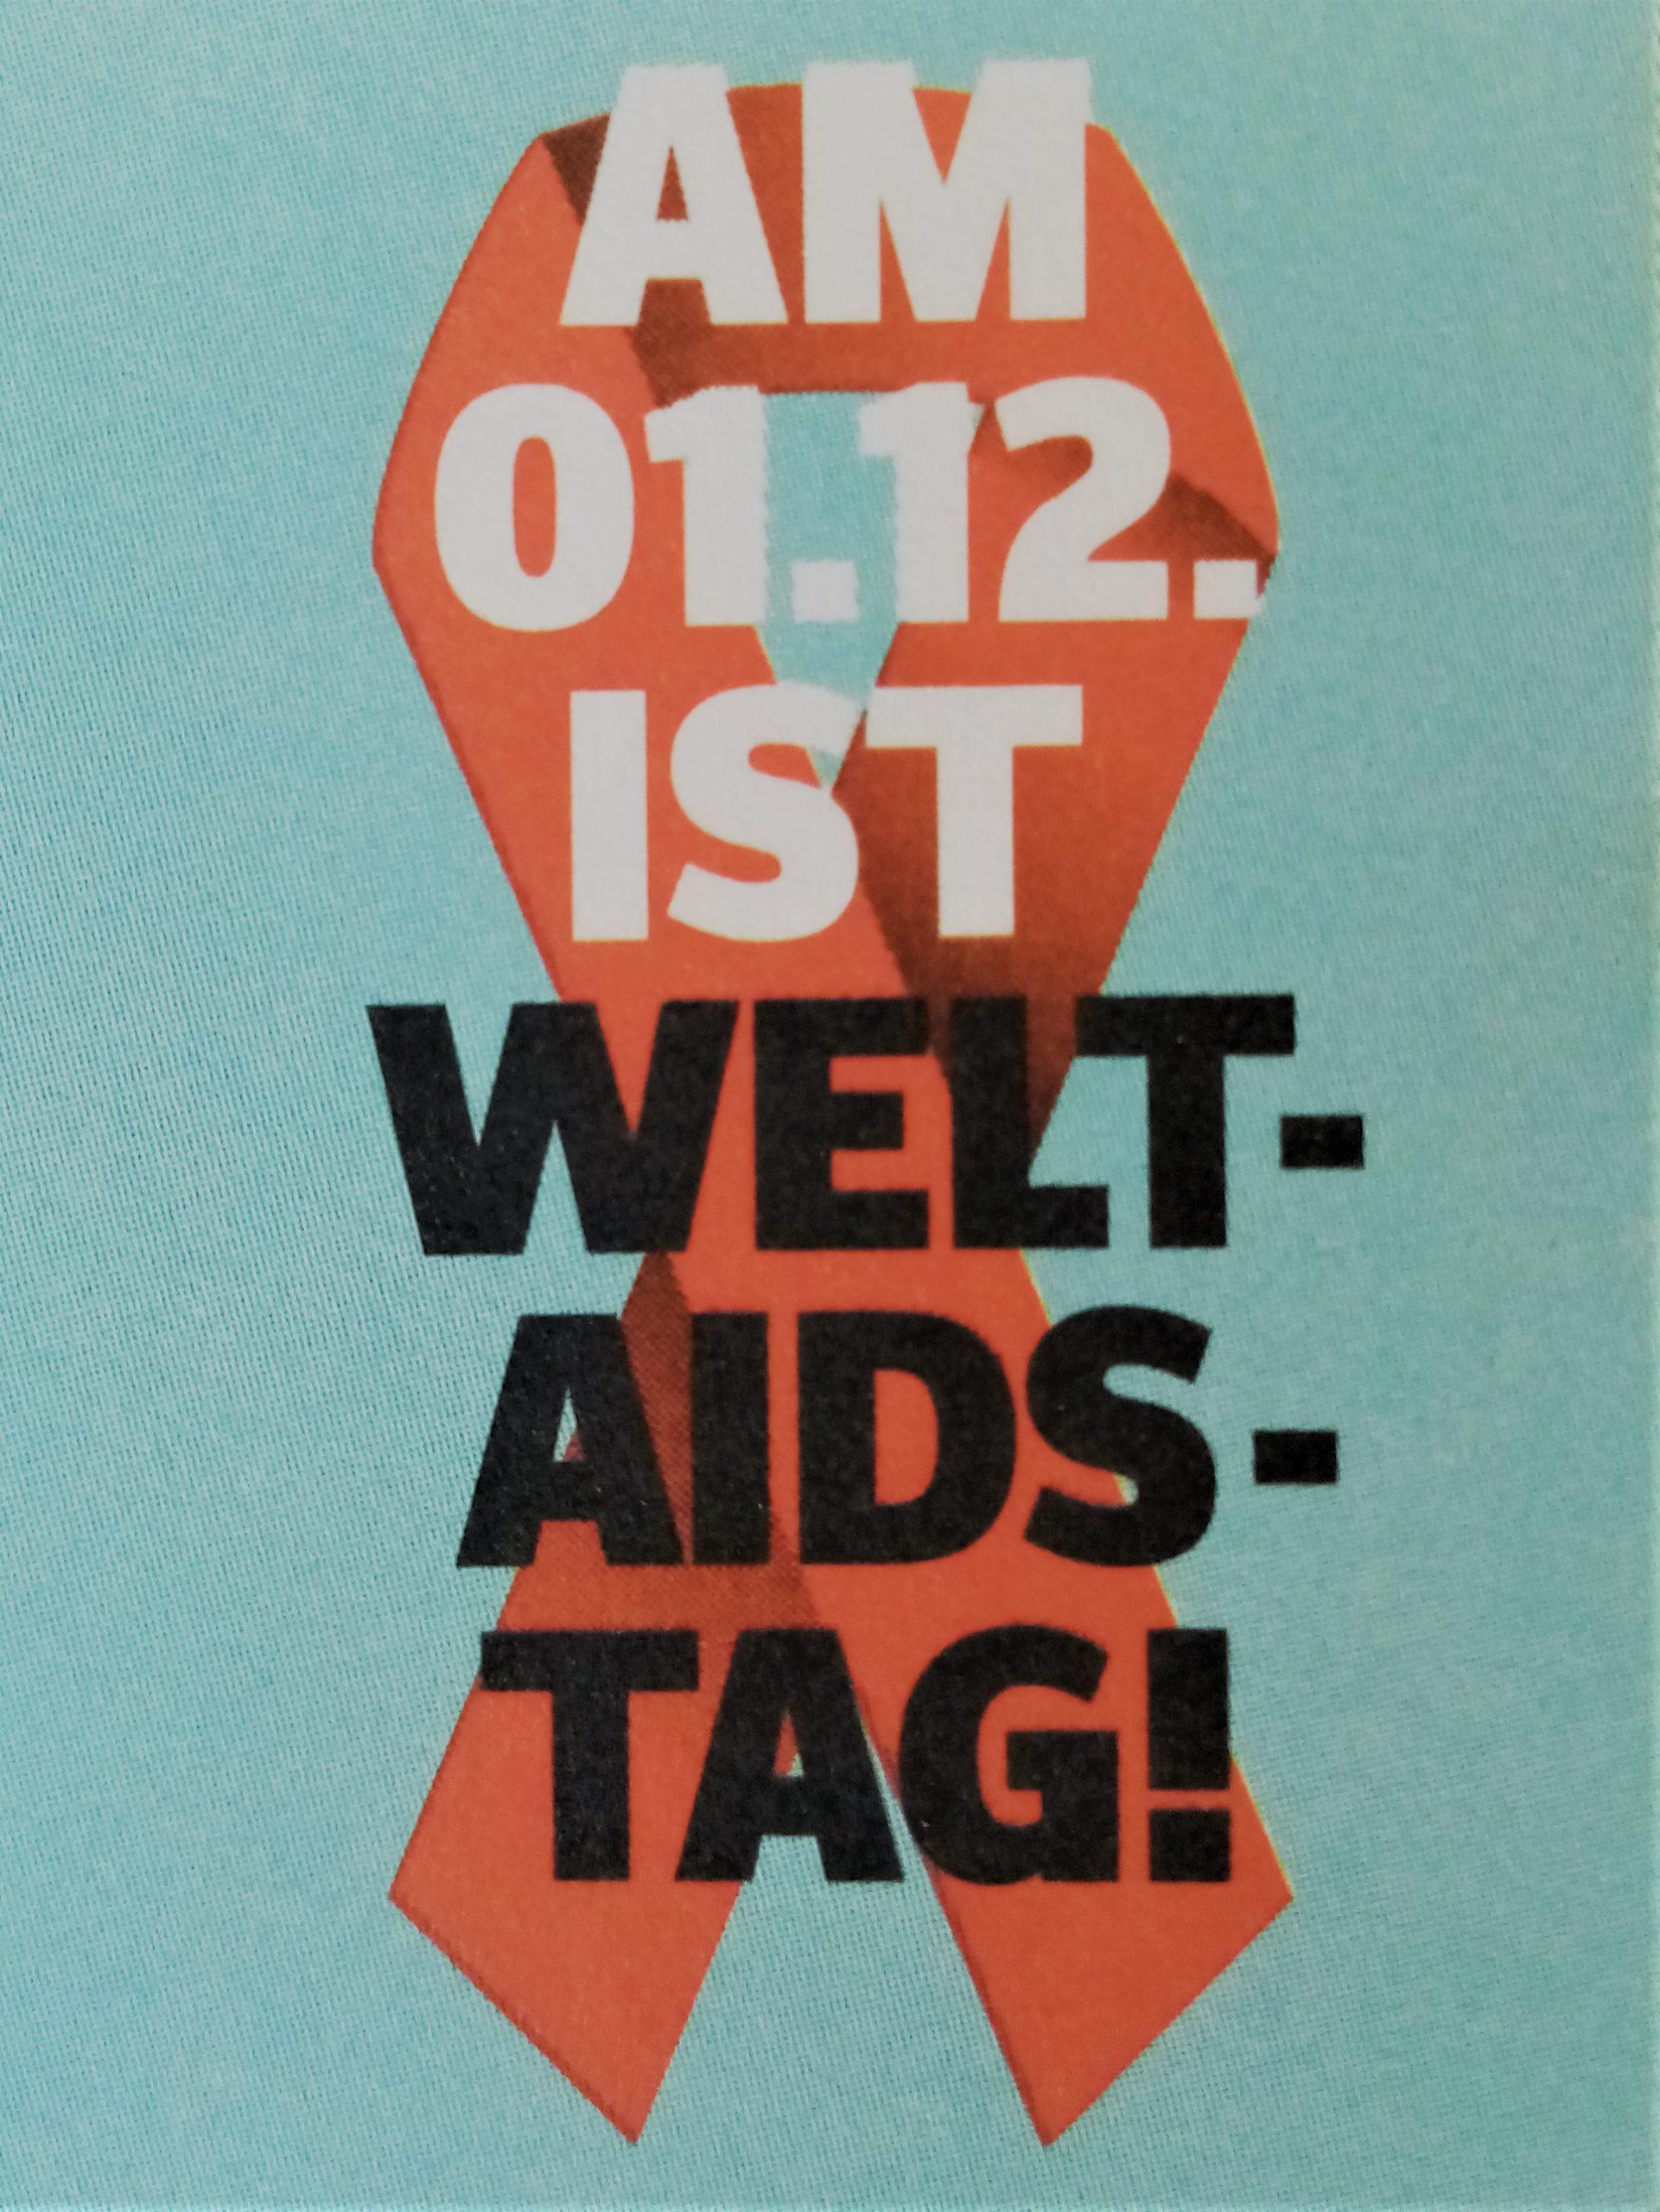 Am 1. Dezember ist Welt-Aids-Tag!